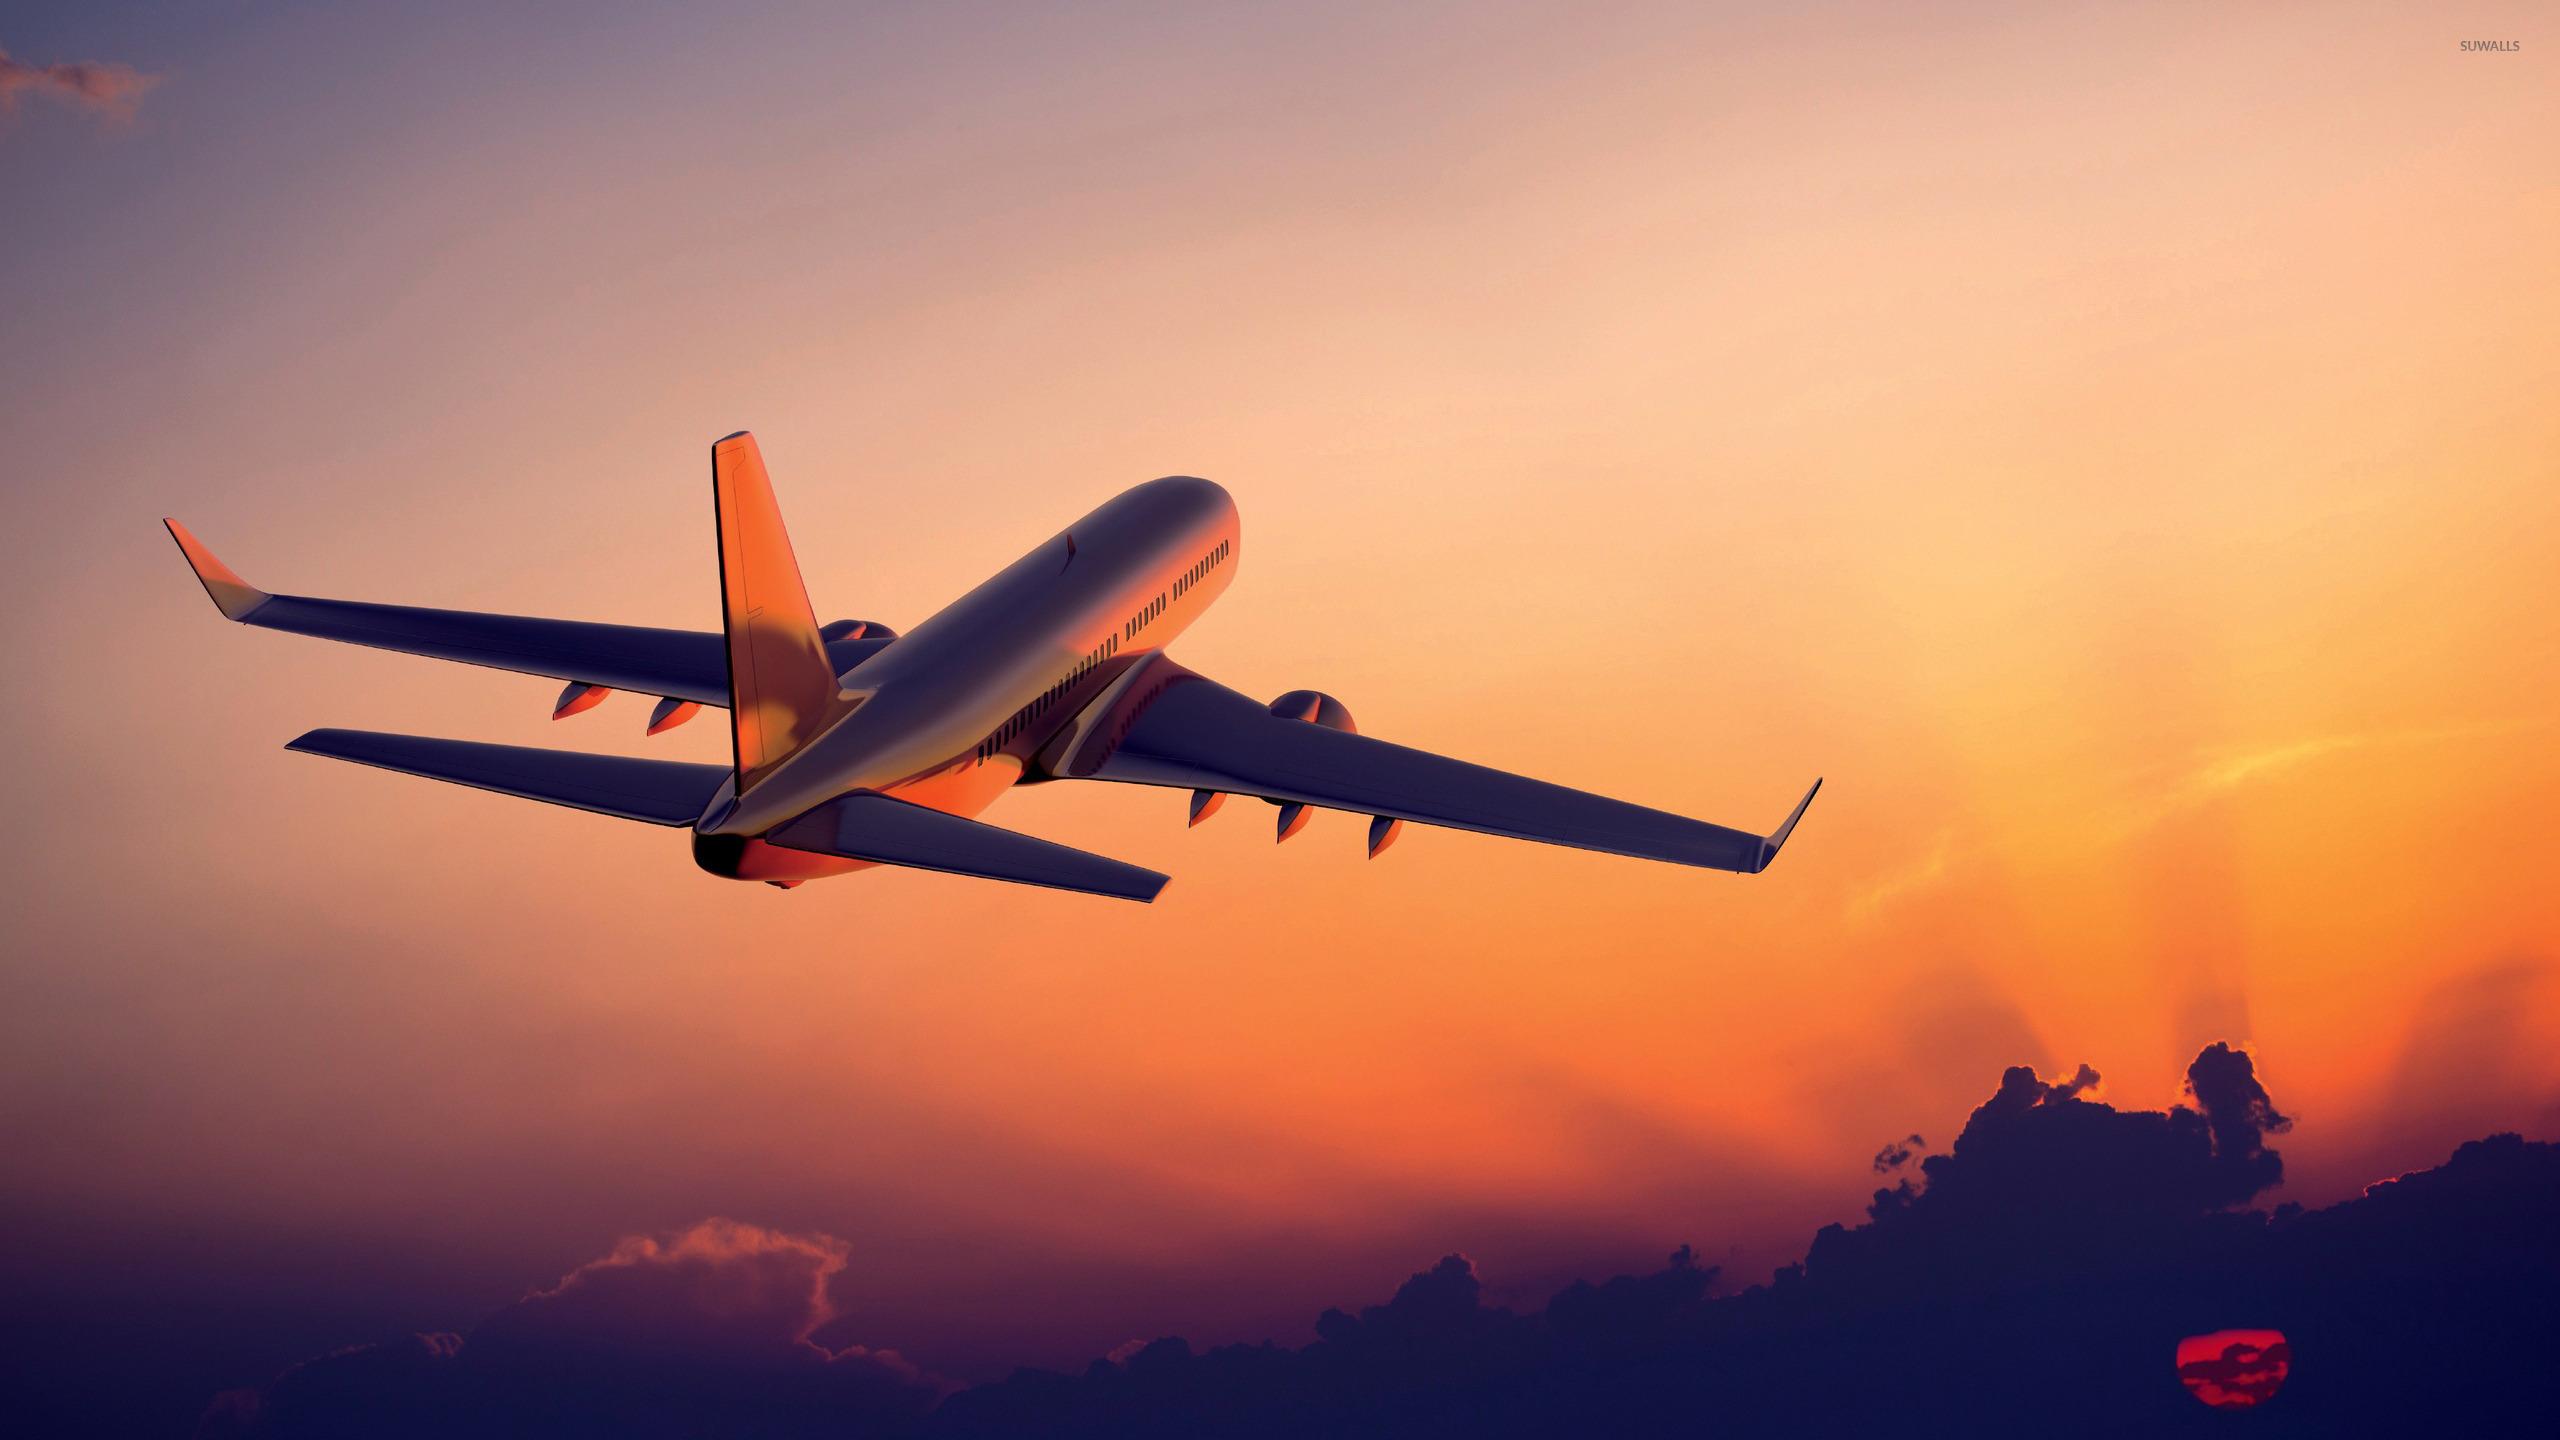 Passenger aircraft flying towards the sunset light wallpaper 2560x1440